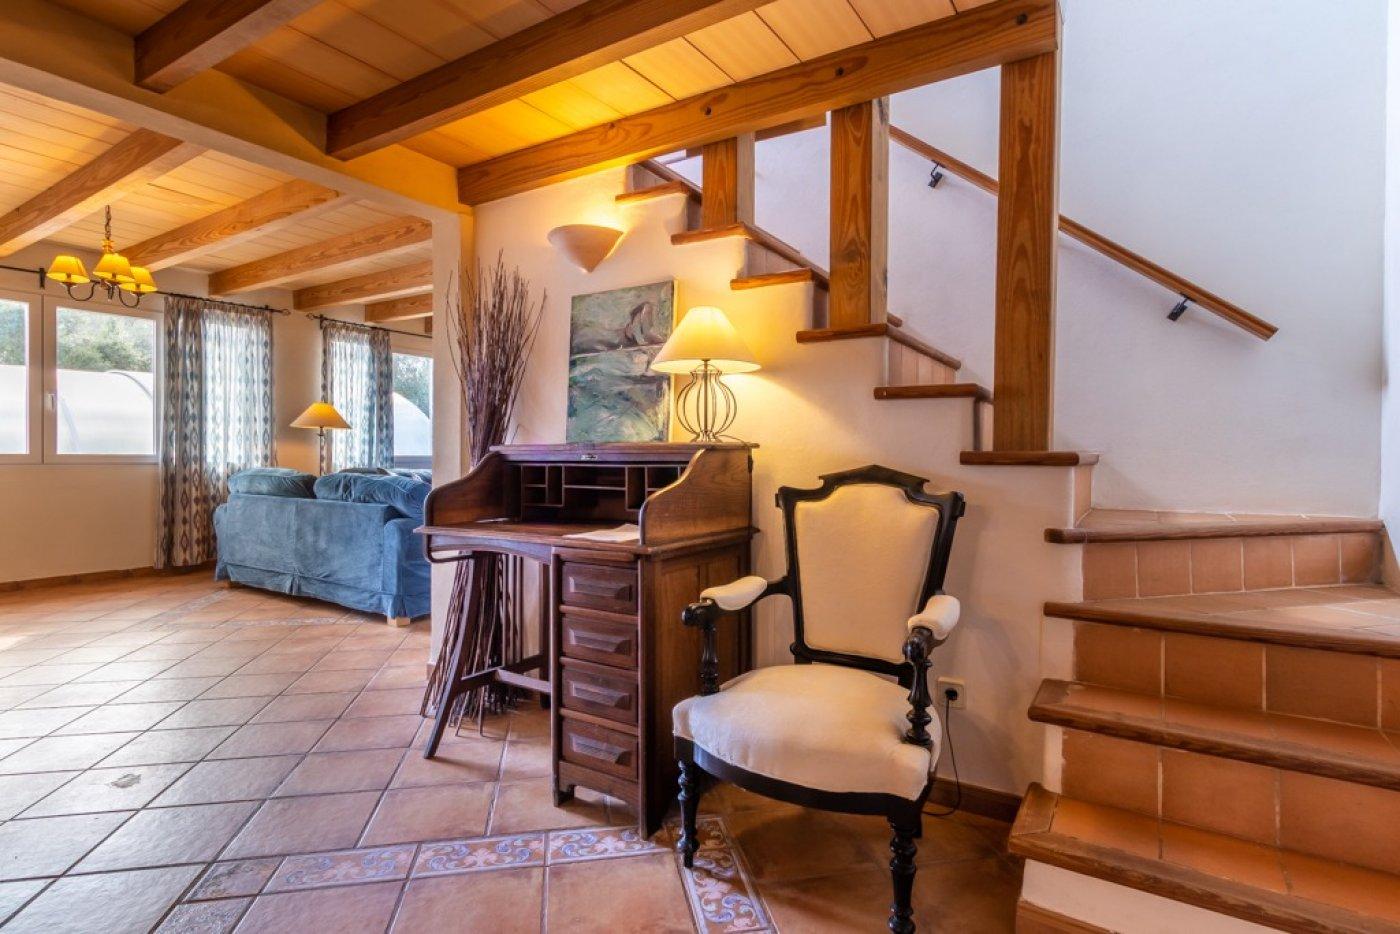 Magnifica villa en ses salines - can somni - ideal inversores turÍsticos - imagenInmueble13